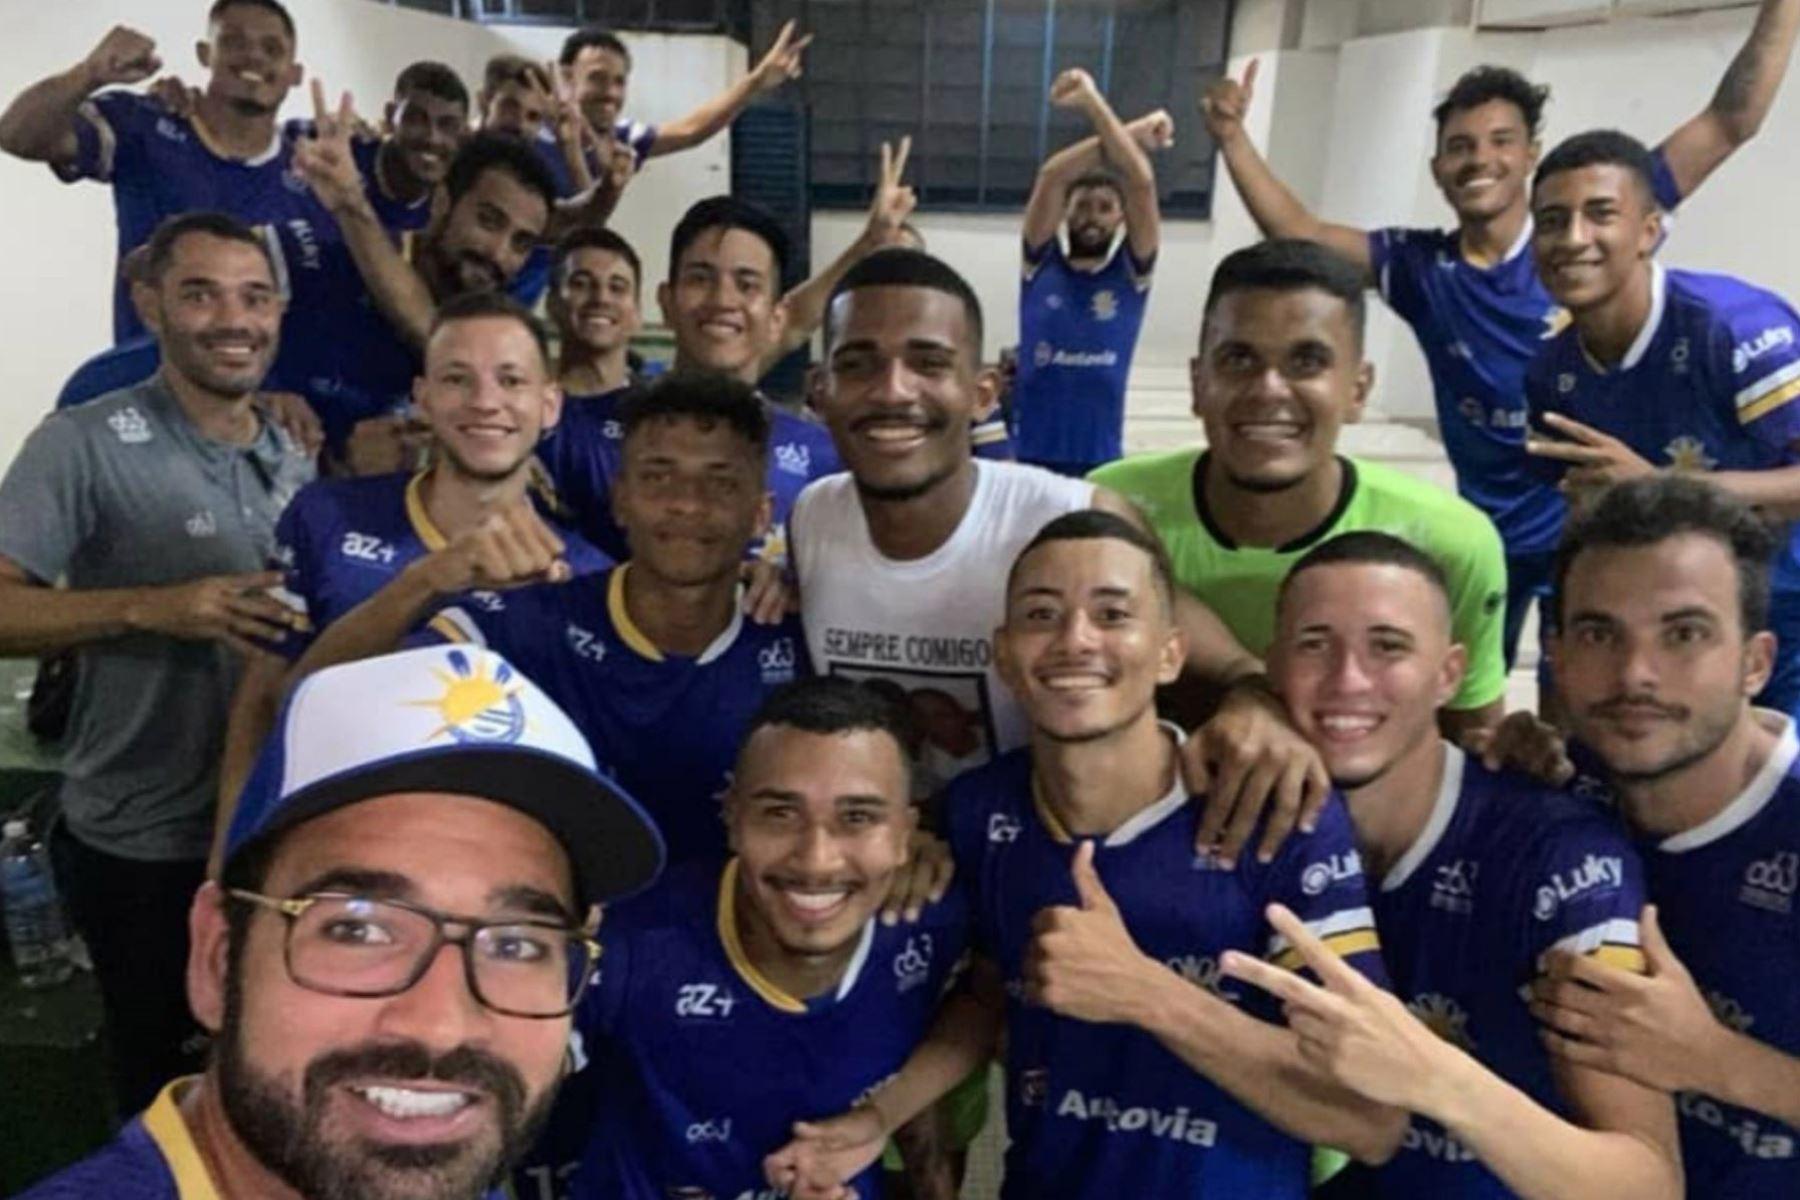 Cuatro futbolistas del Palmas, club de cuarta división de Brasil murieron al caer avioneta